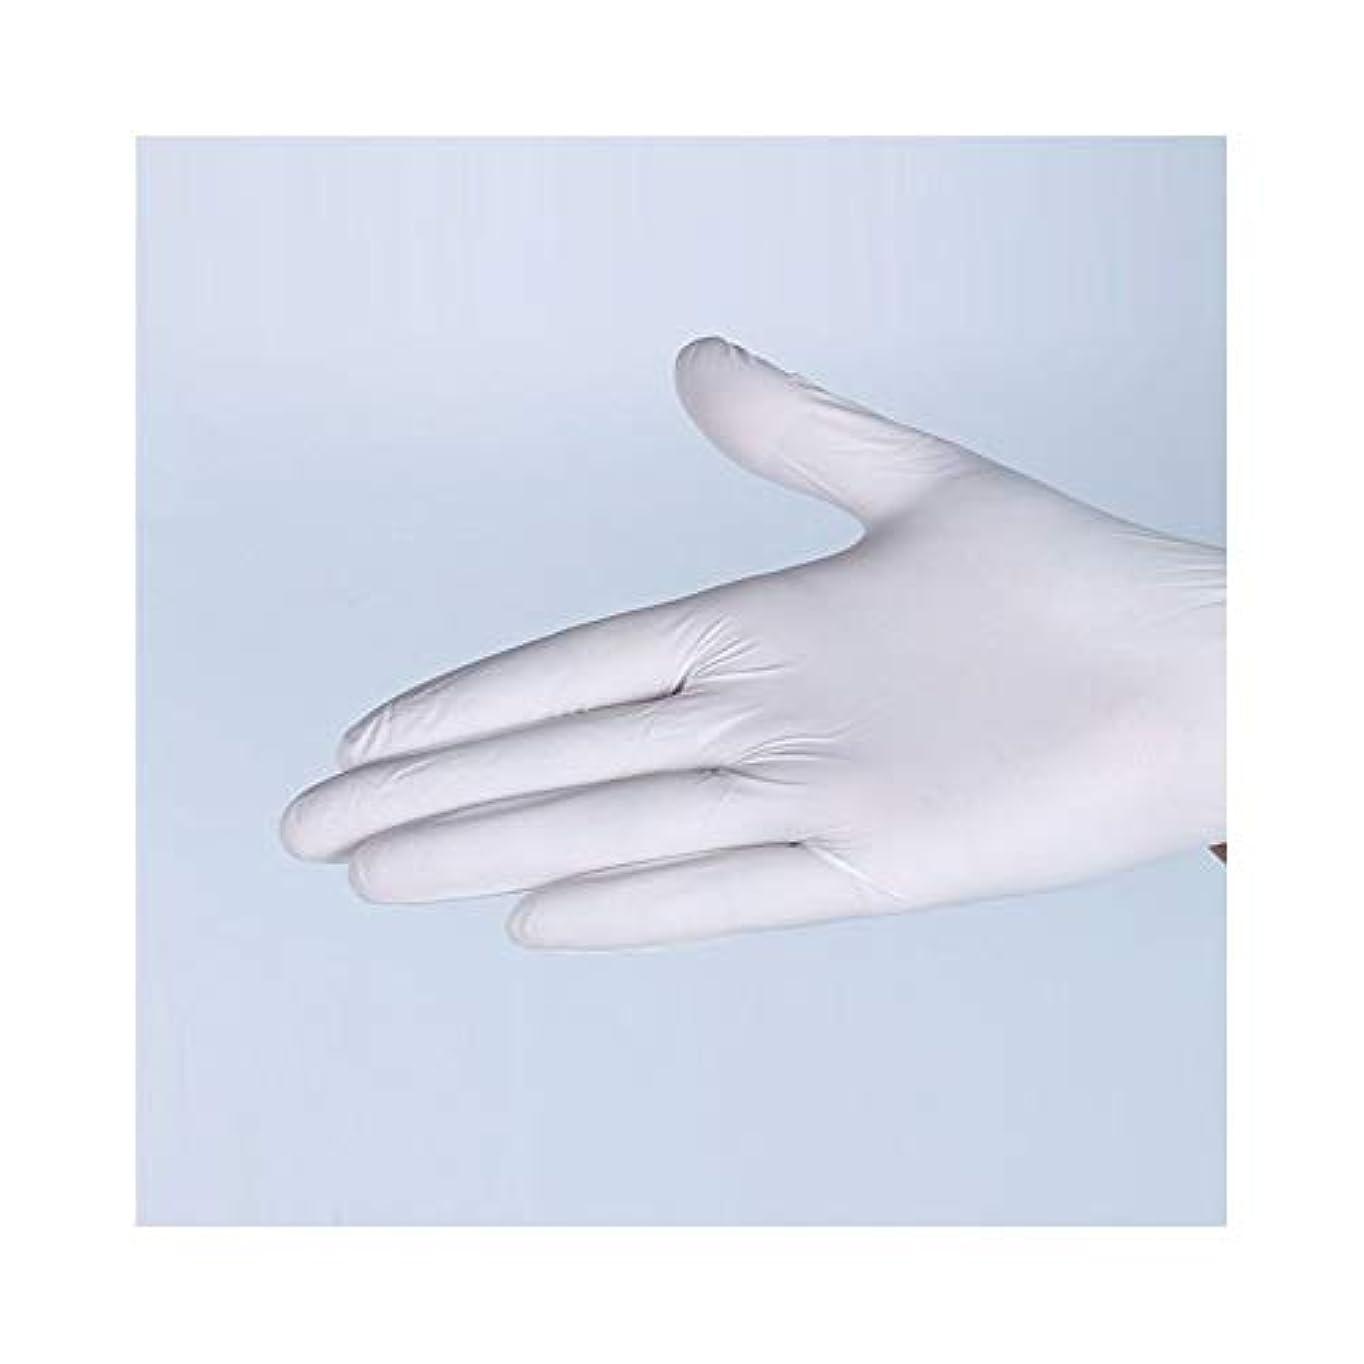 コマンド国民傾斜使い捨てのパウダーフリー化学実験ニトリル手袋工業労働保護手袋 YANW (Color : White, Size : S)